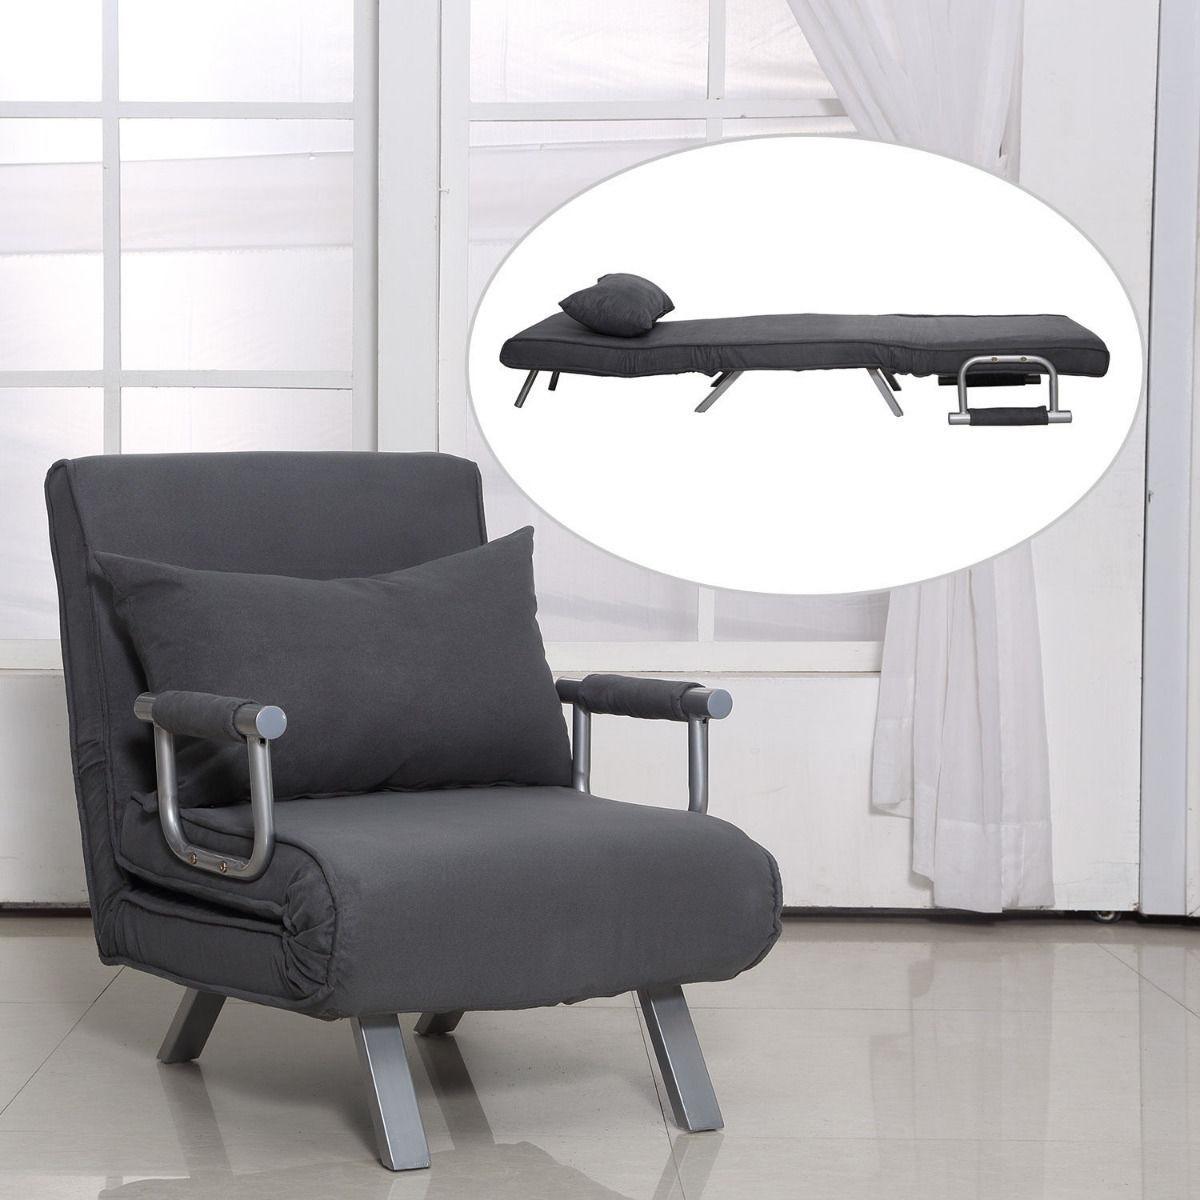 sillon sofa cama individual lounge 3 posiciones a meses si